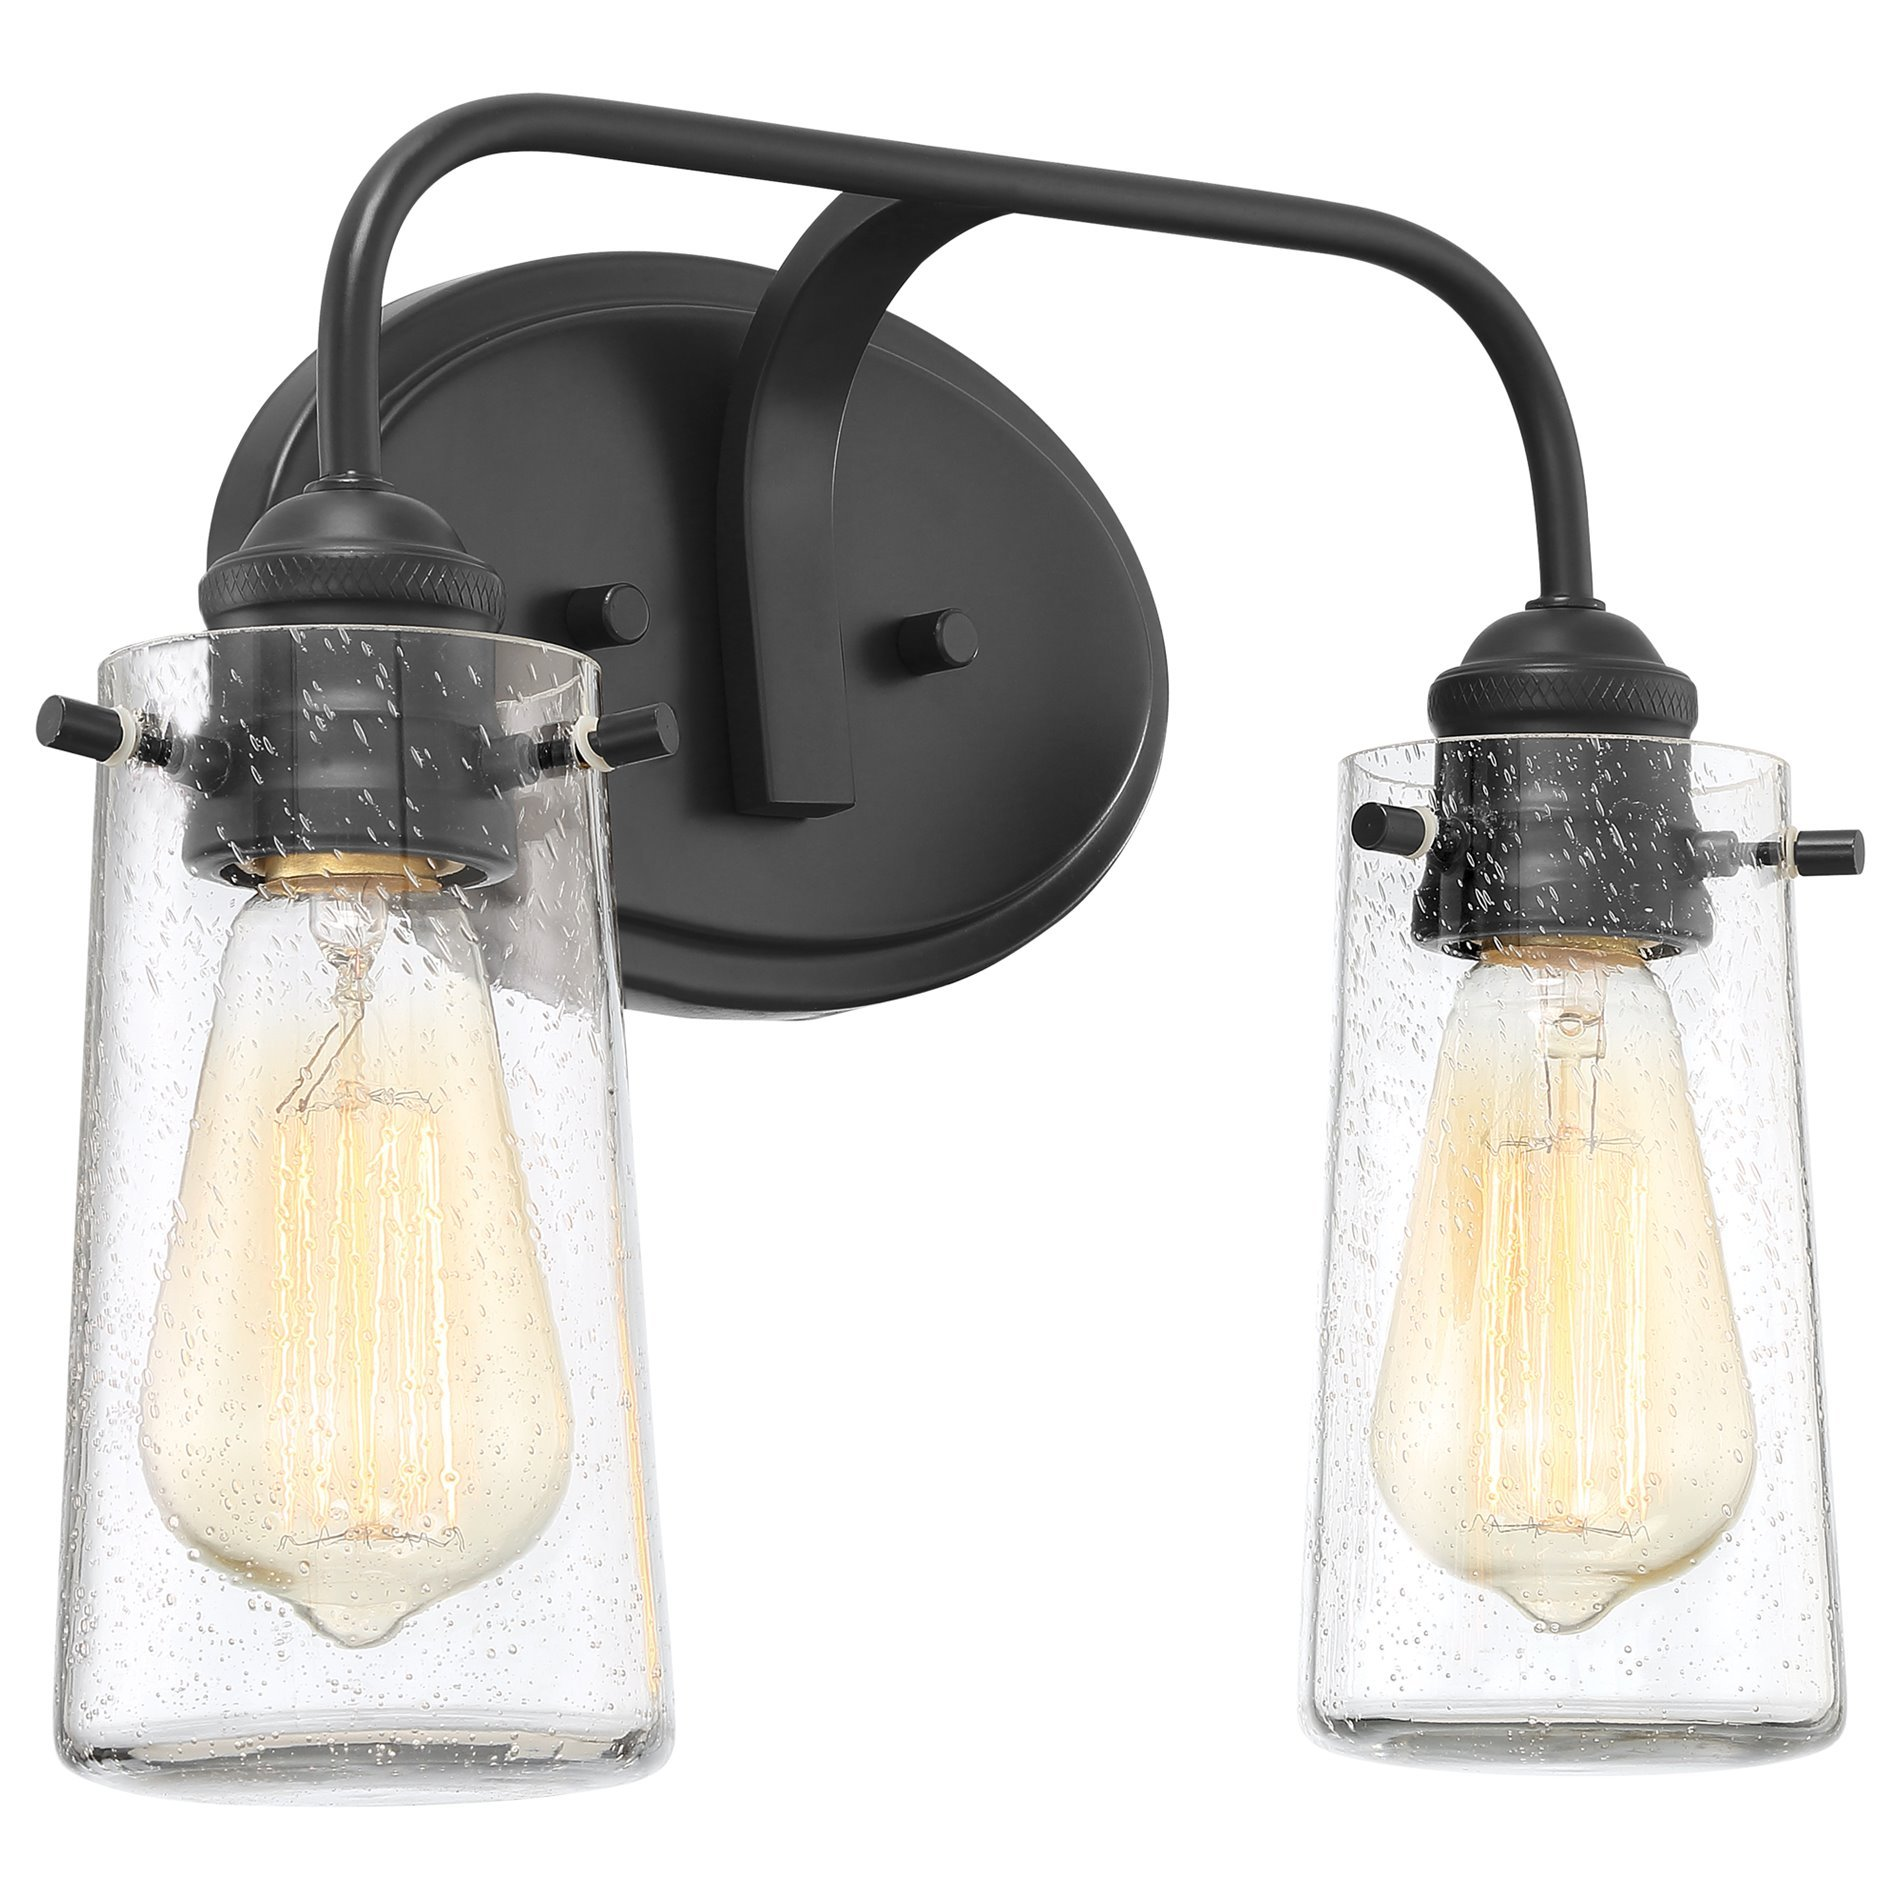 Kira Home Rayne 14'' Modern 2-Light Vanity/Bathroom Light, Seeded Glass + Matte Black Finish